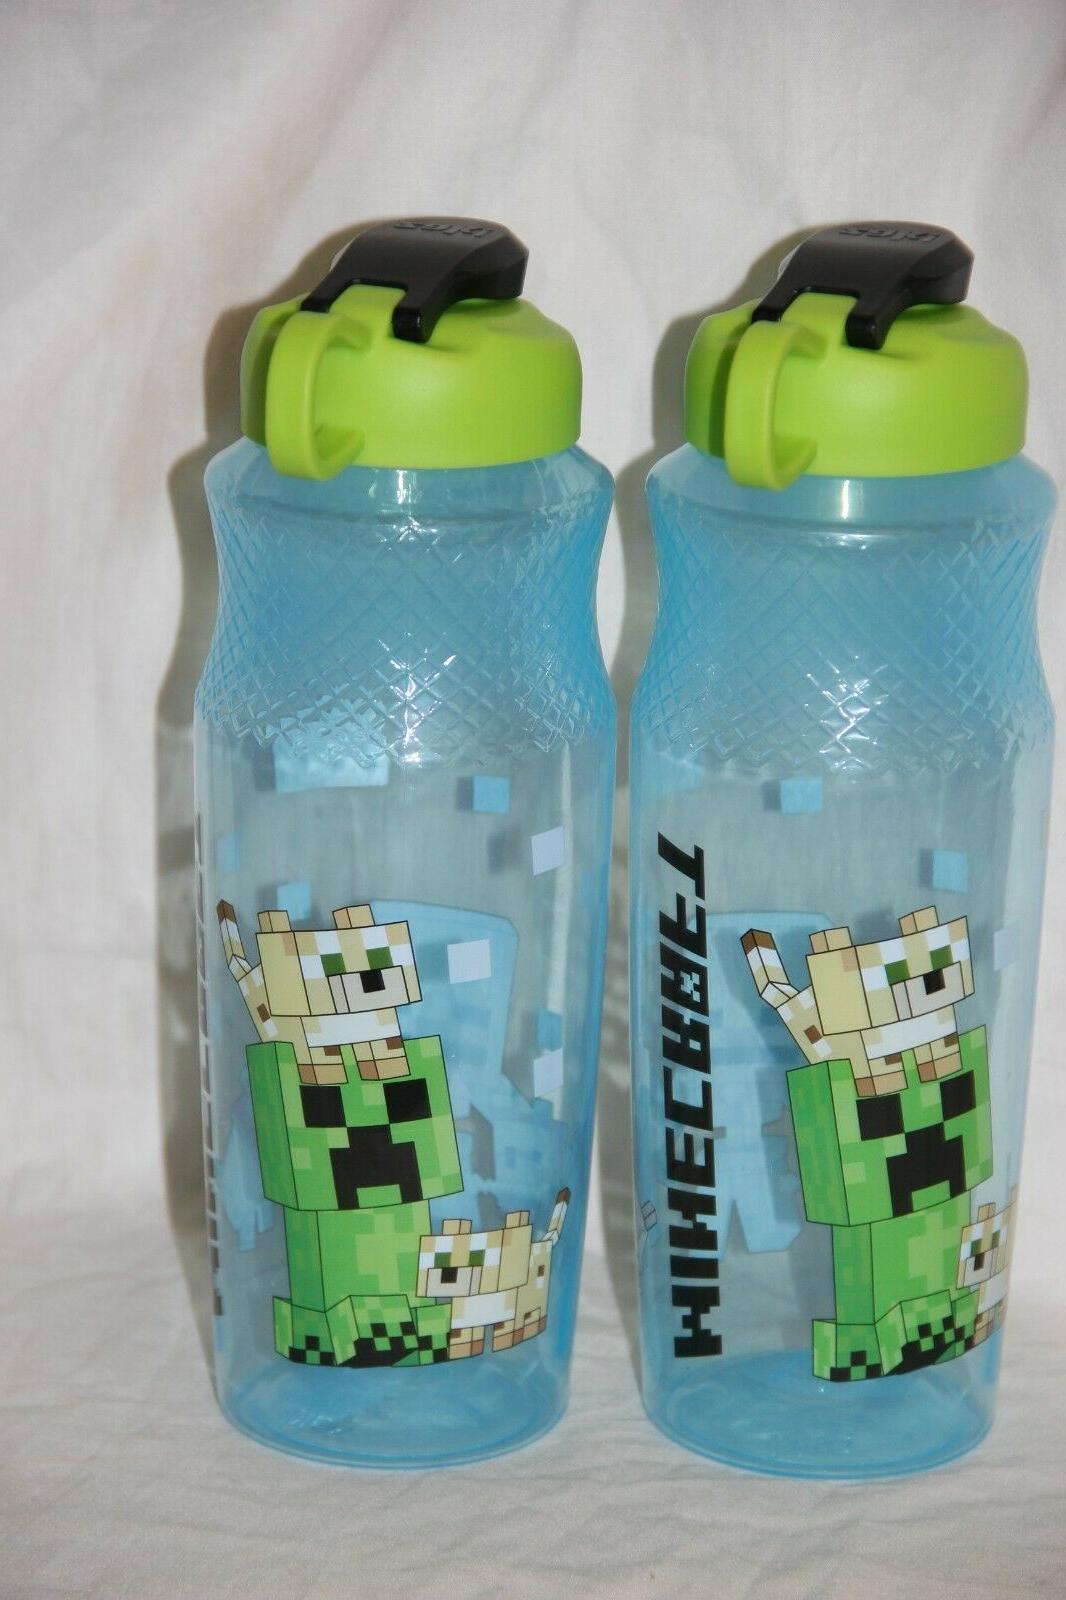 2 minecraft designs kids 30 oz water